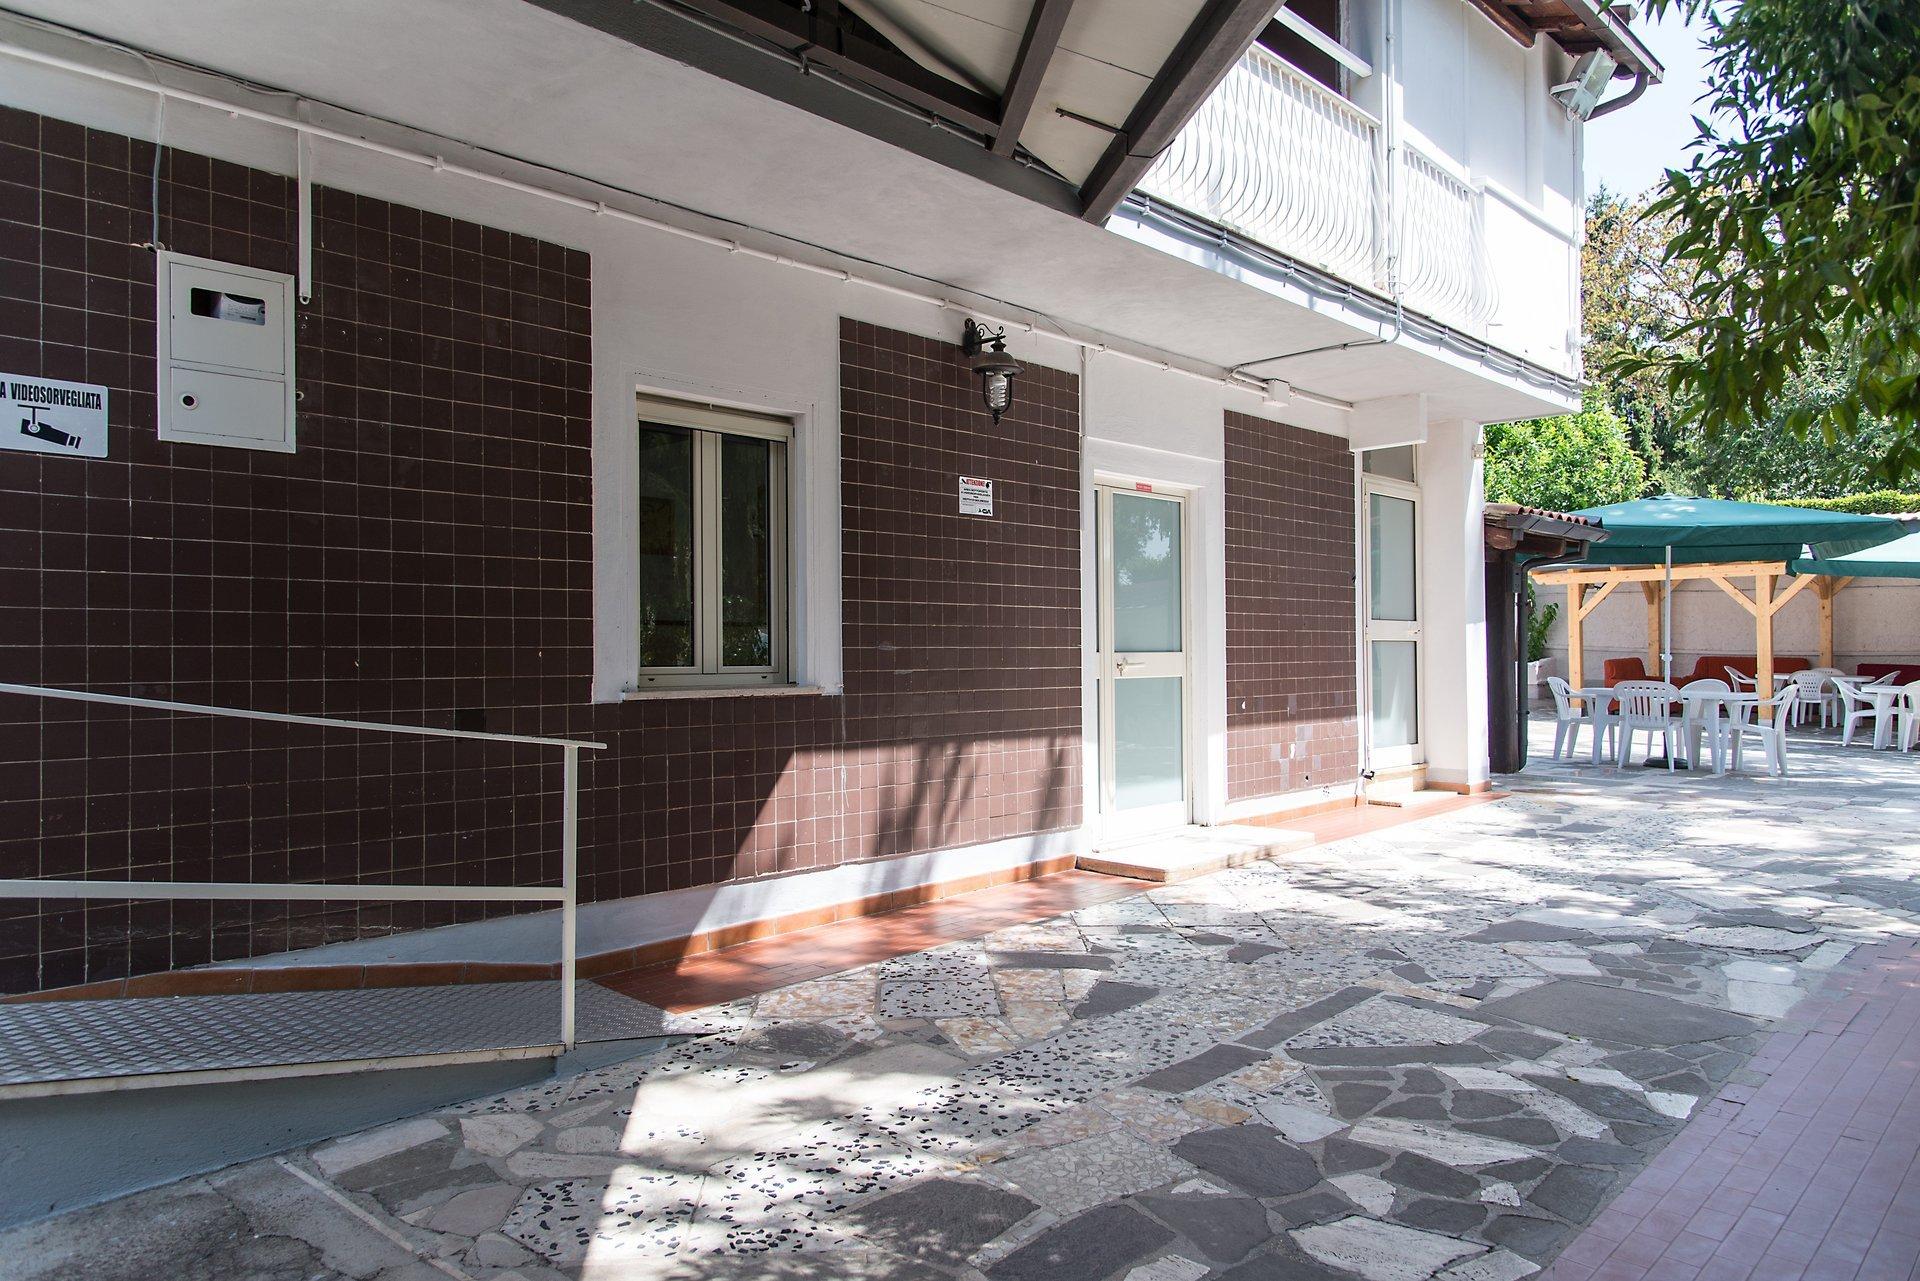 struttura bianca con porte in legno marrone